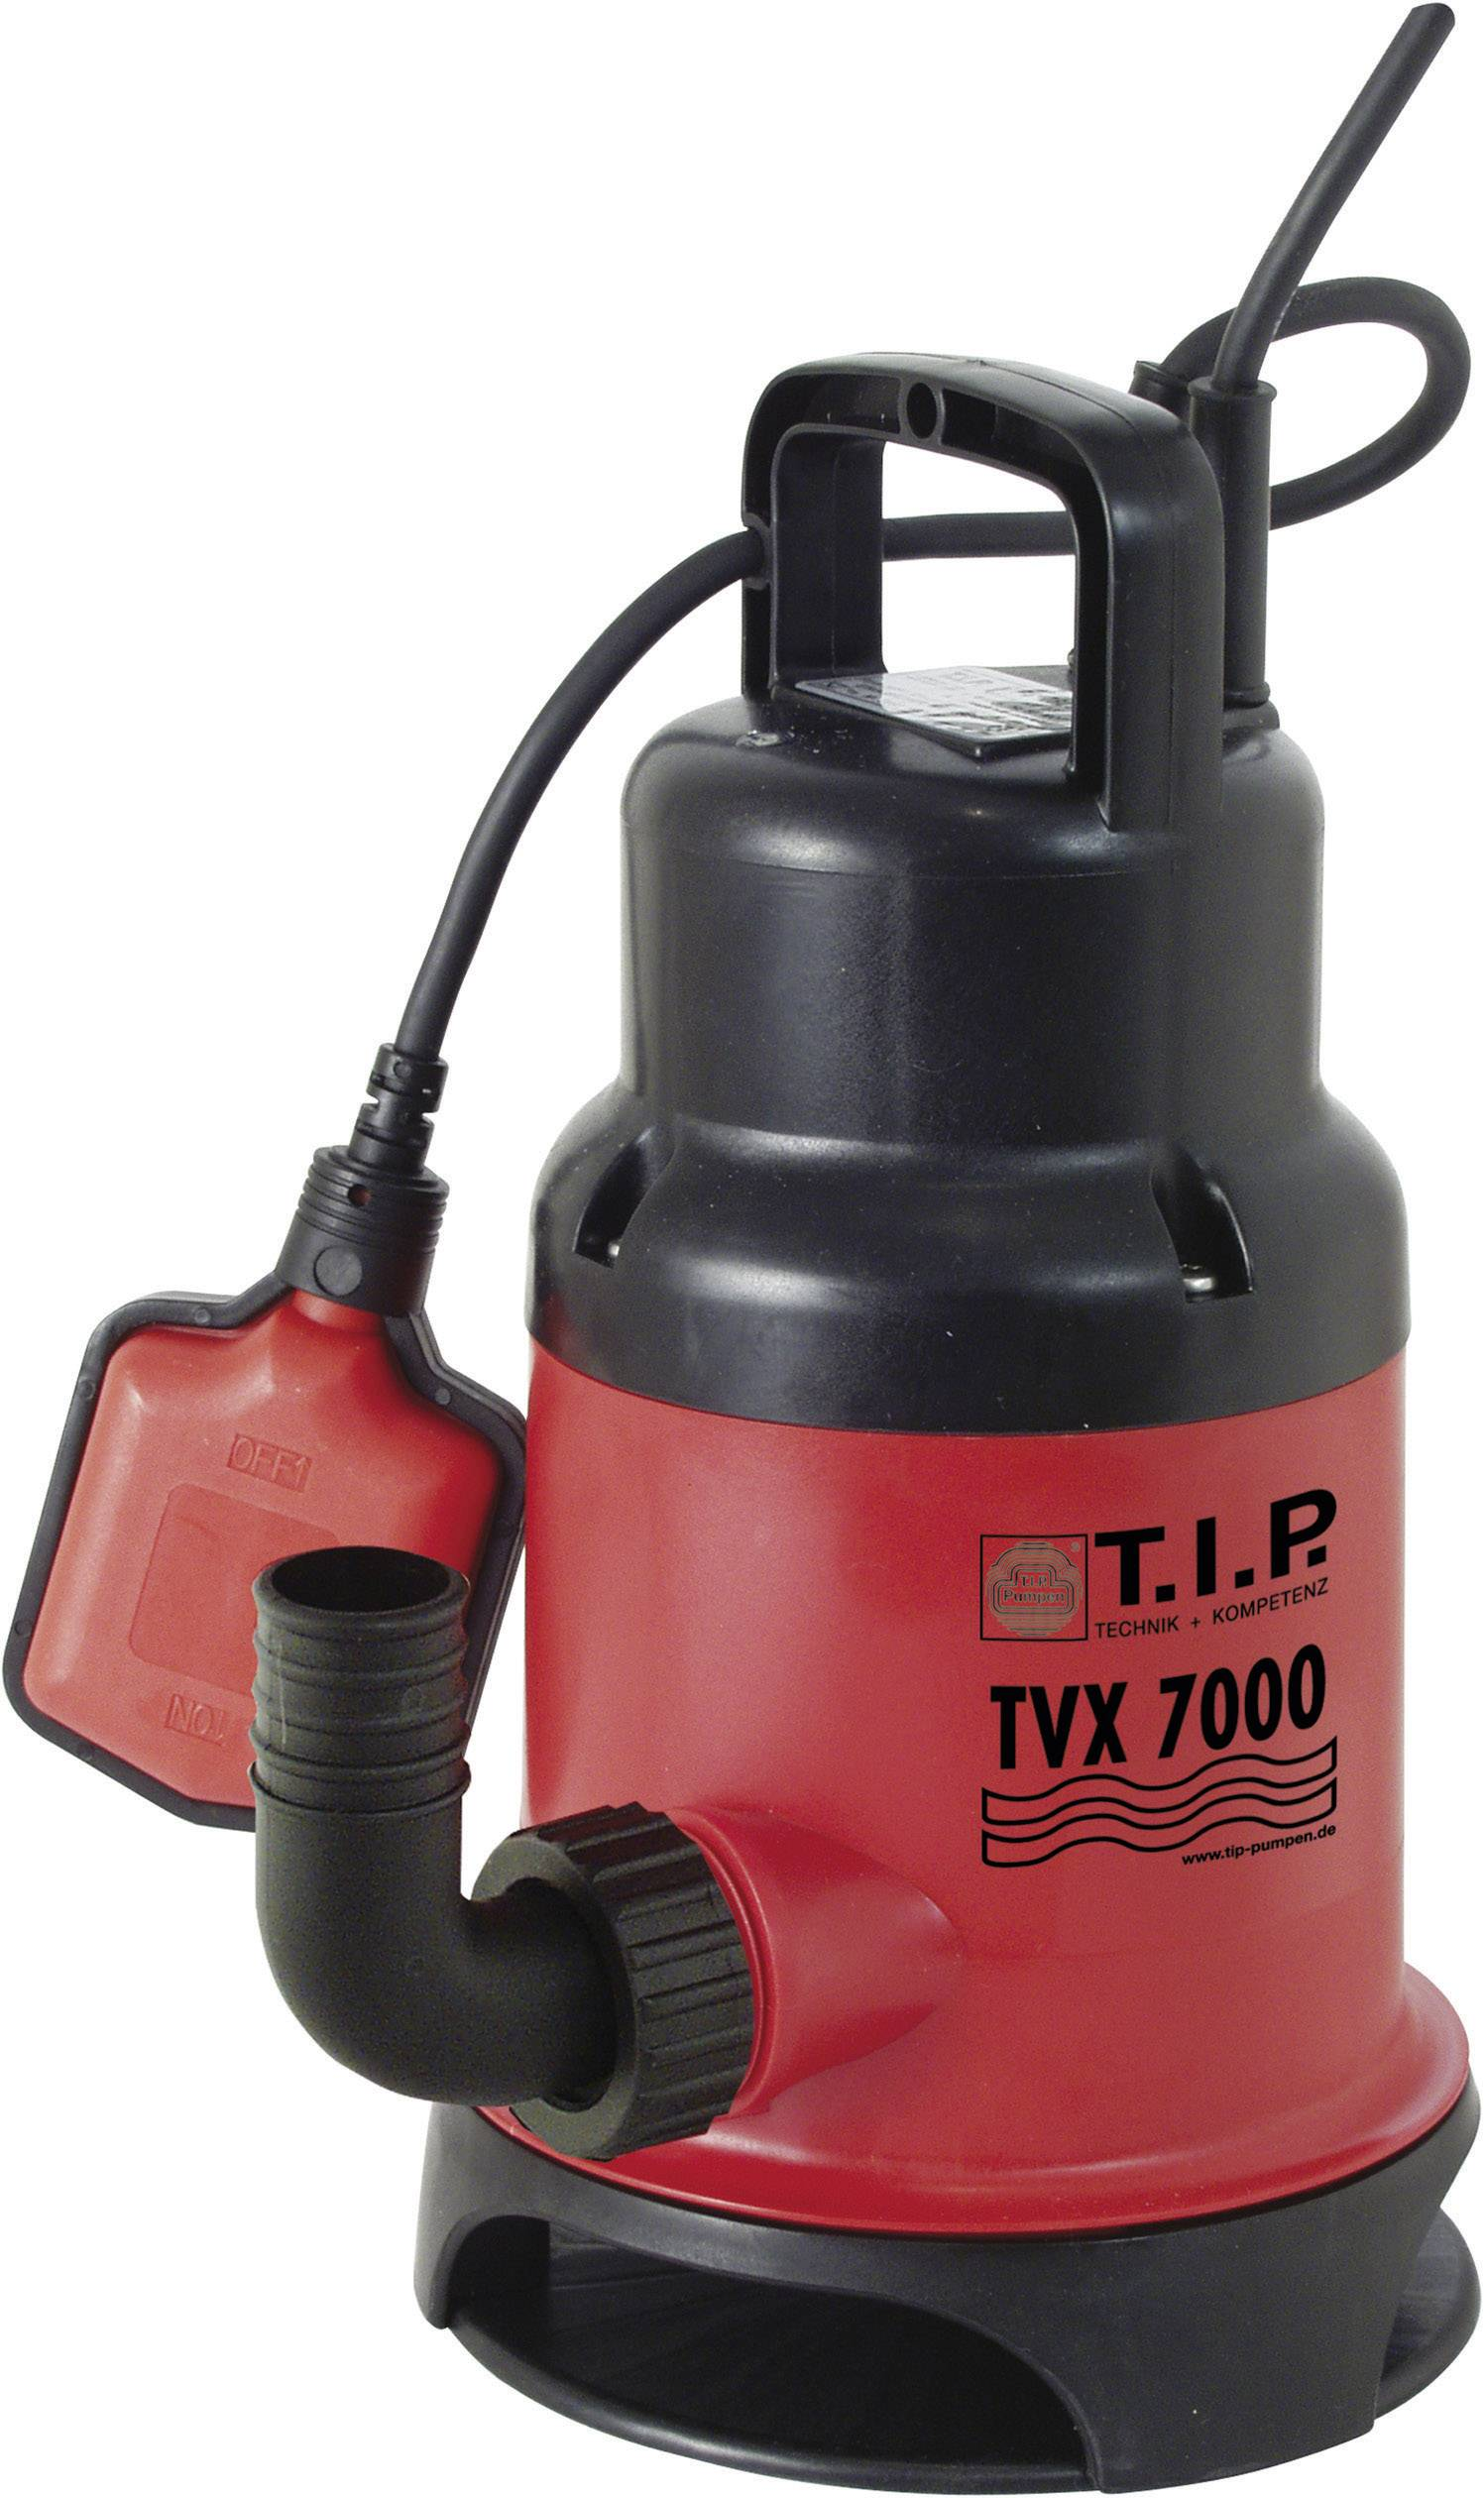 Kalové ponorné čerpadlo TIP TVX 7000, 30268, 7000 l/h, 5 m